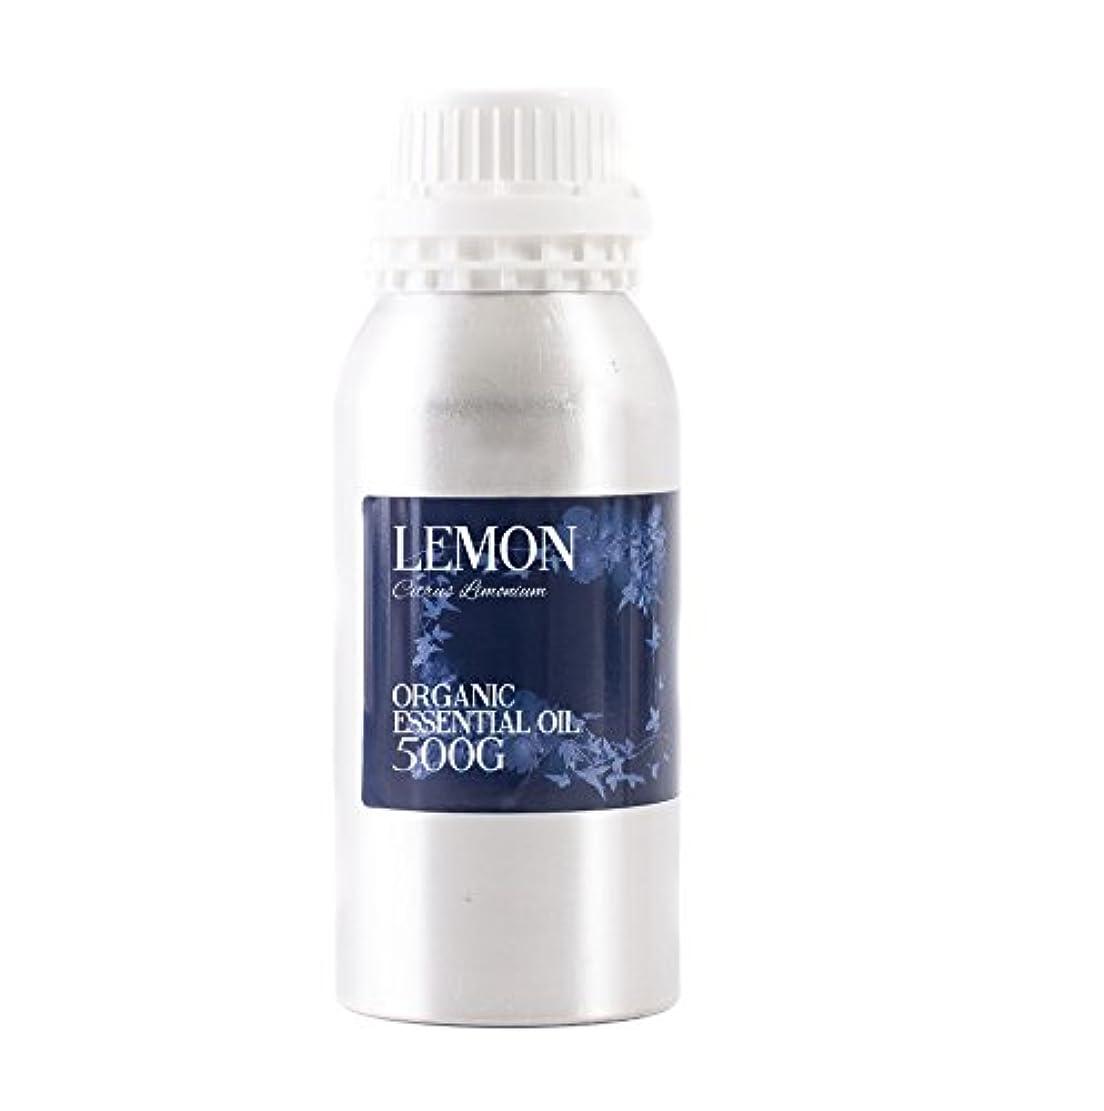 麻痺させるたくさん花瓶Mystic Moments | Lemon Organic Essential Oil - 500g - 100% Pure